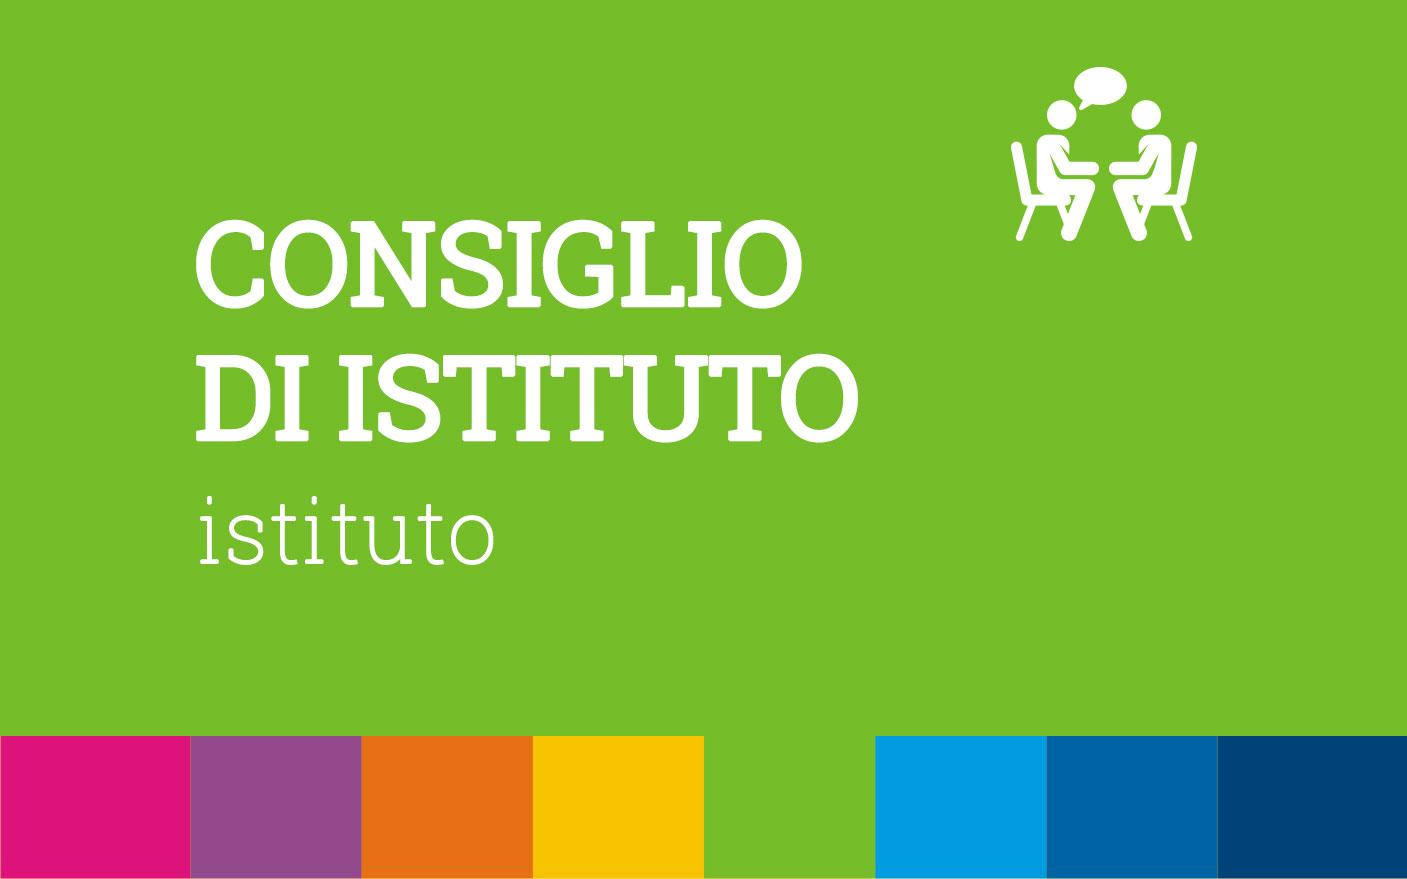 Consiglio di Istituto